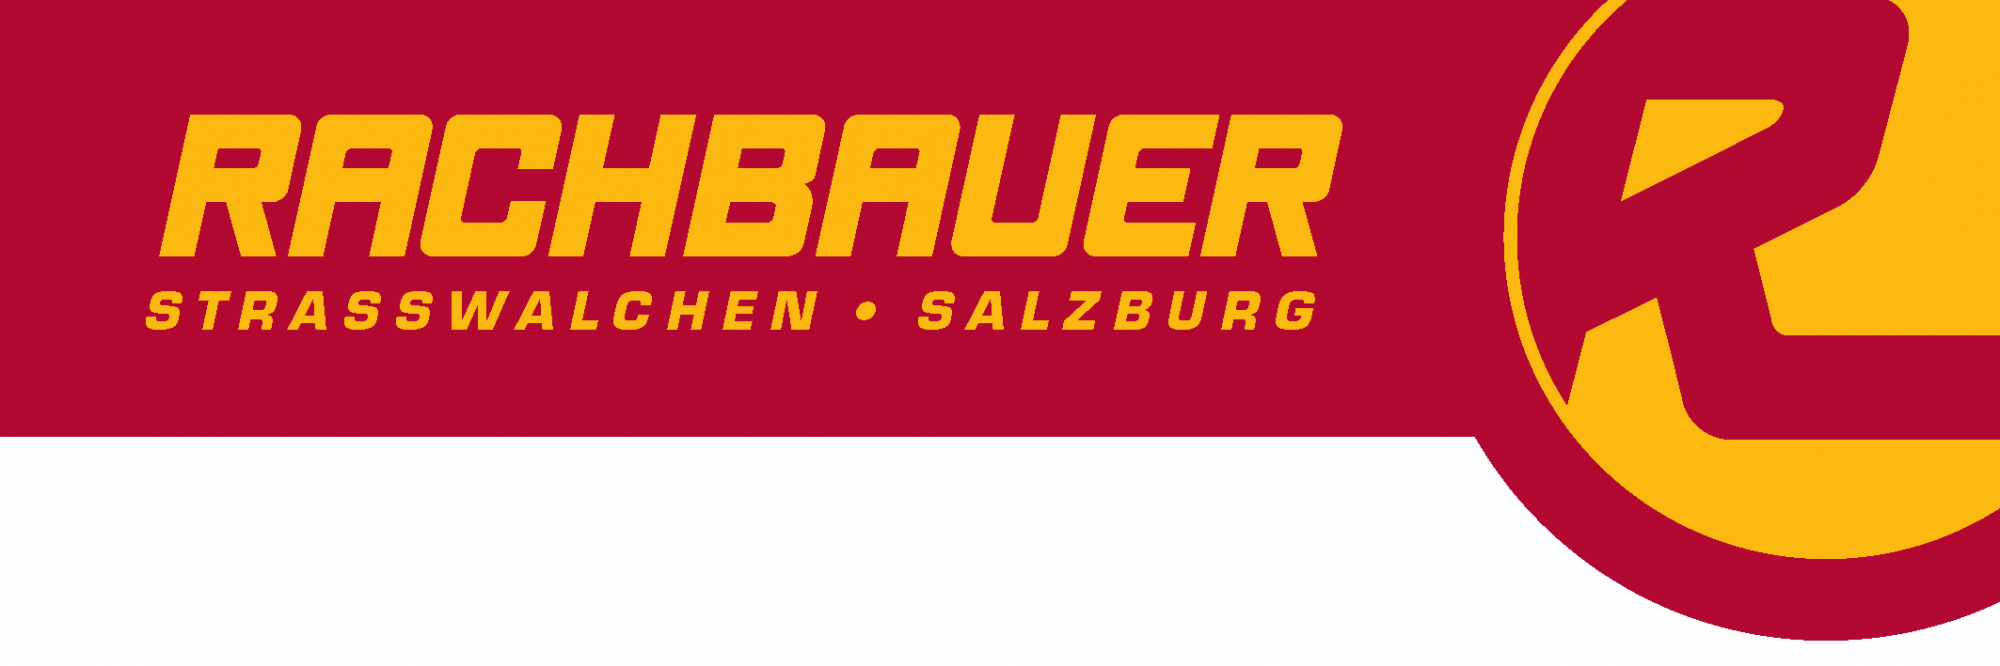 Partner-Rachbauer